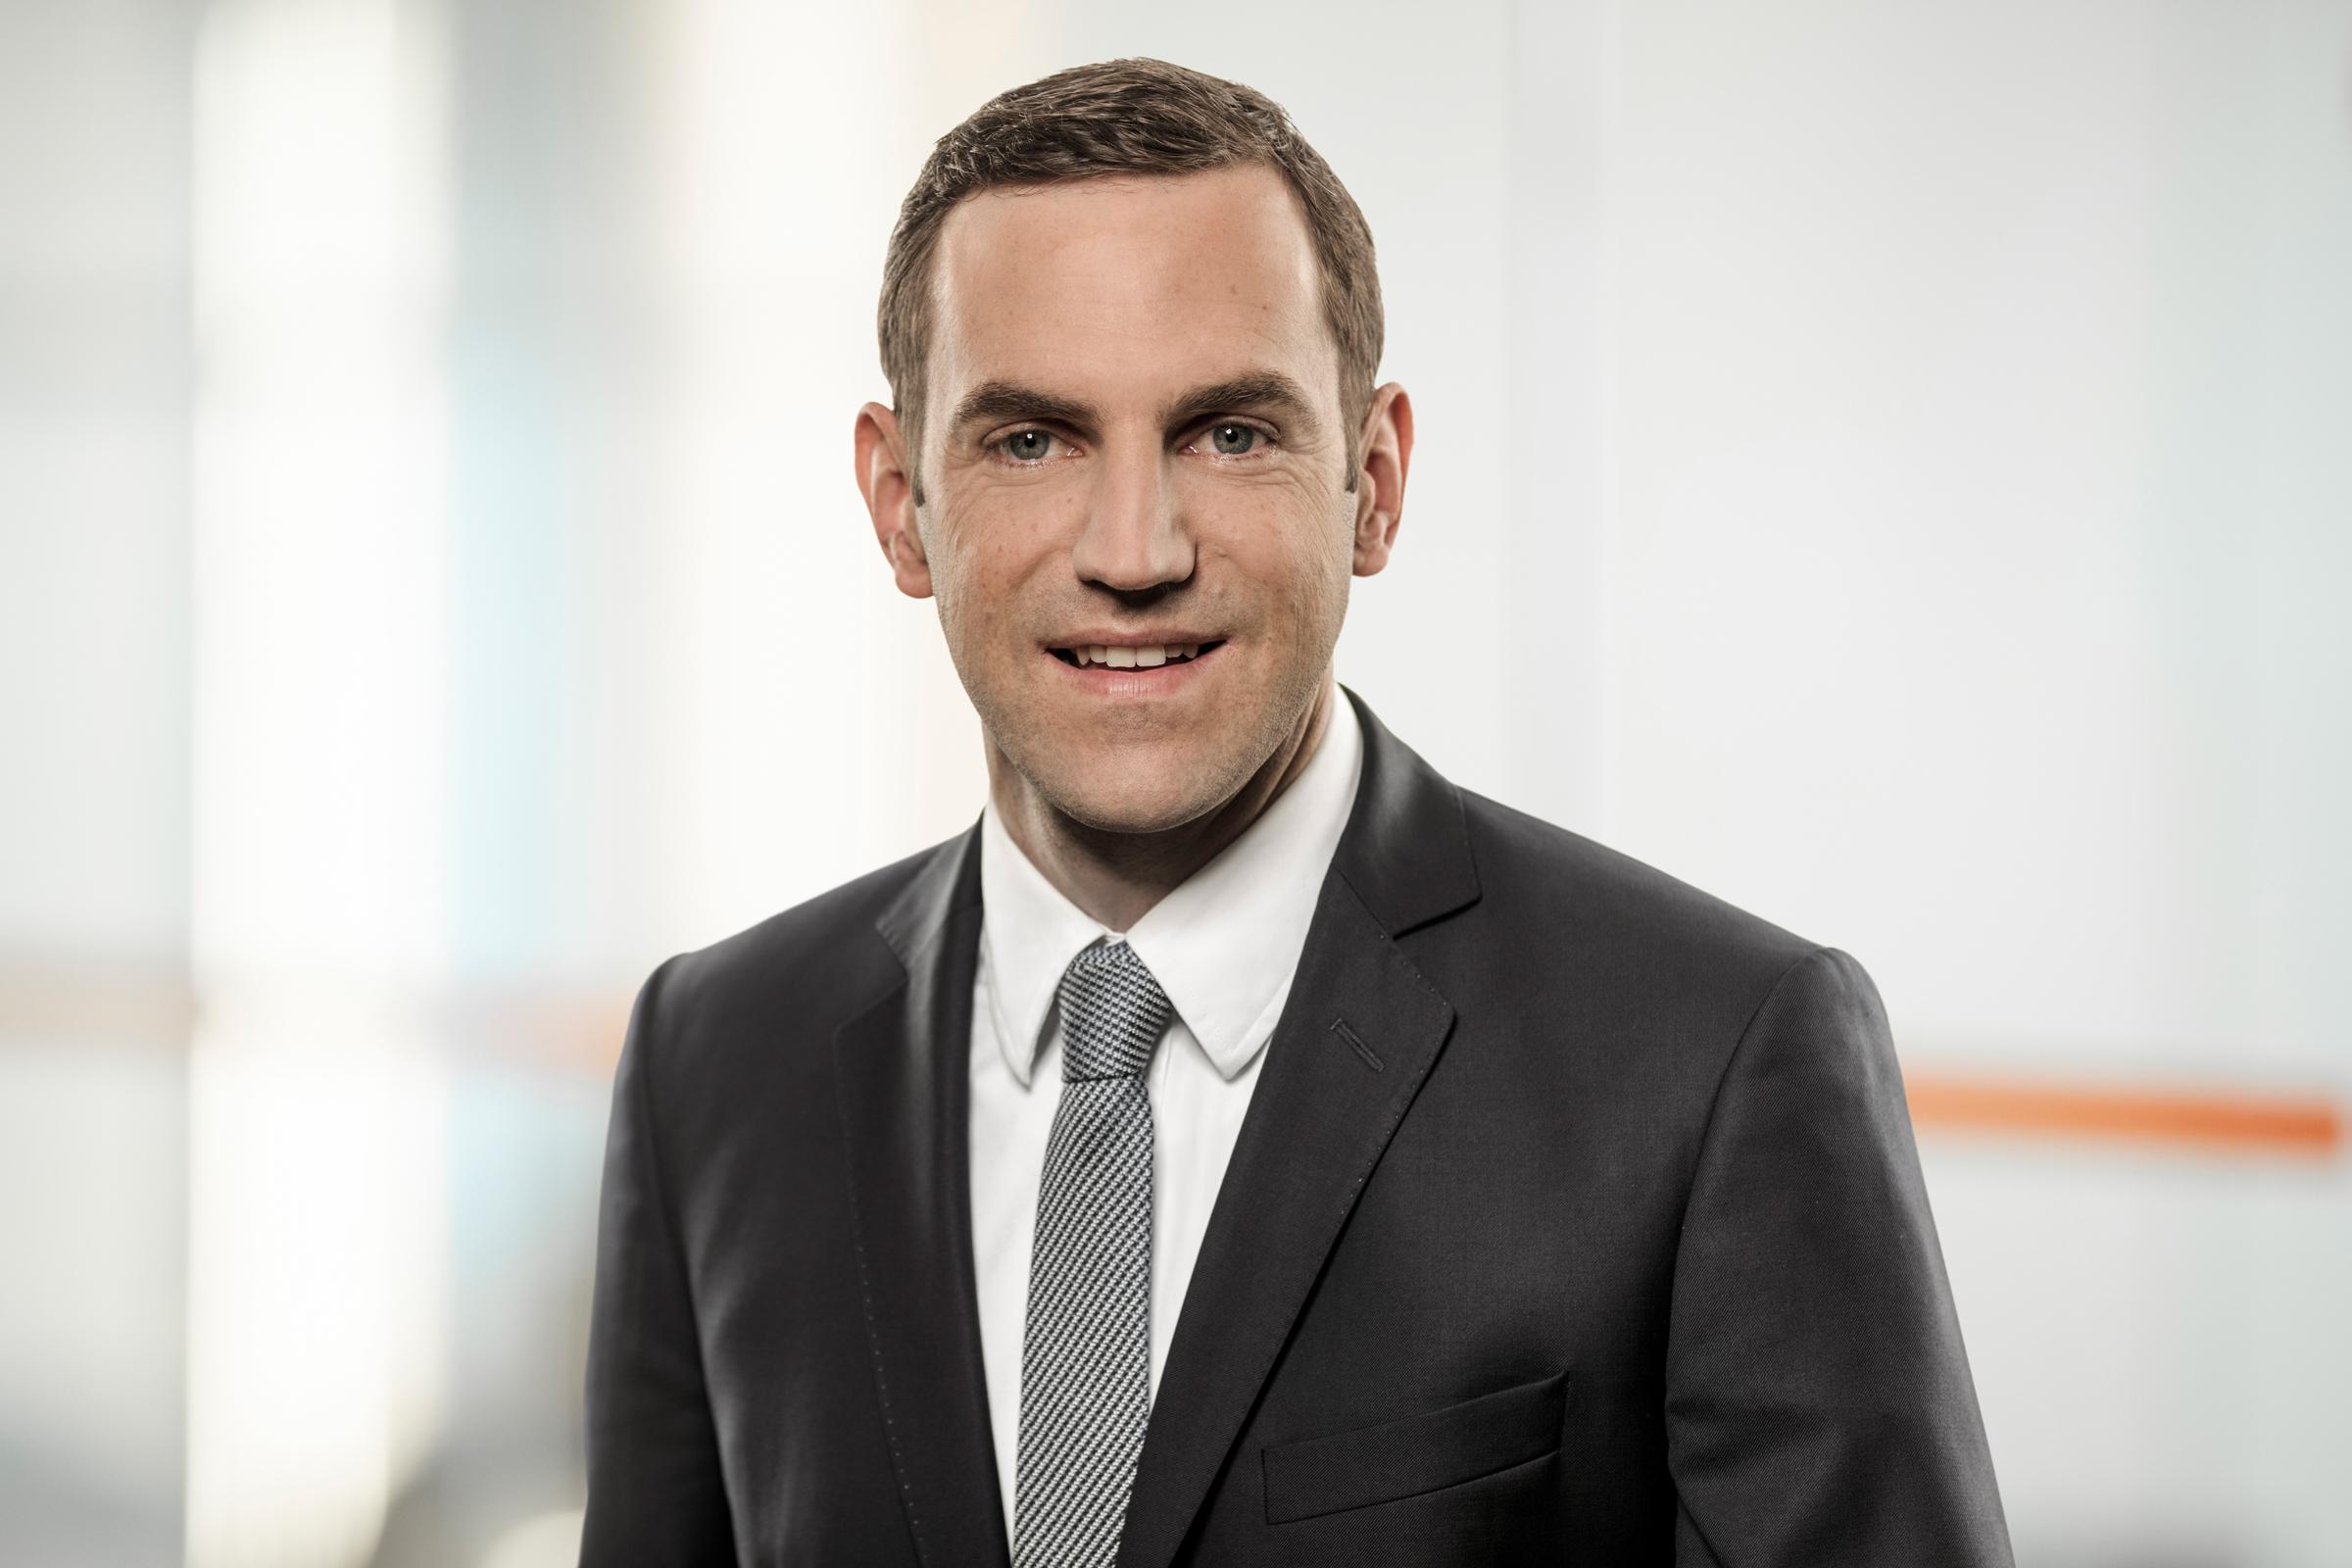 Dr. Friedrich Schulenburg, Associate